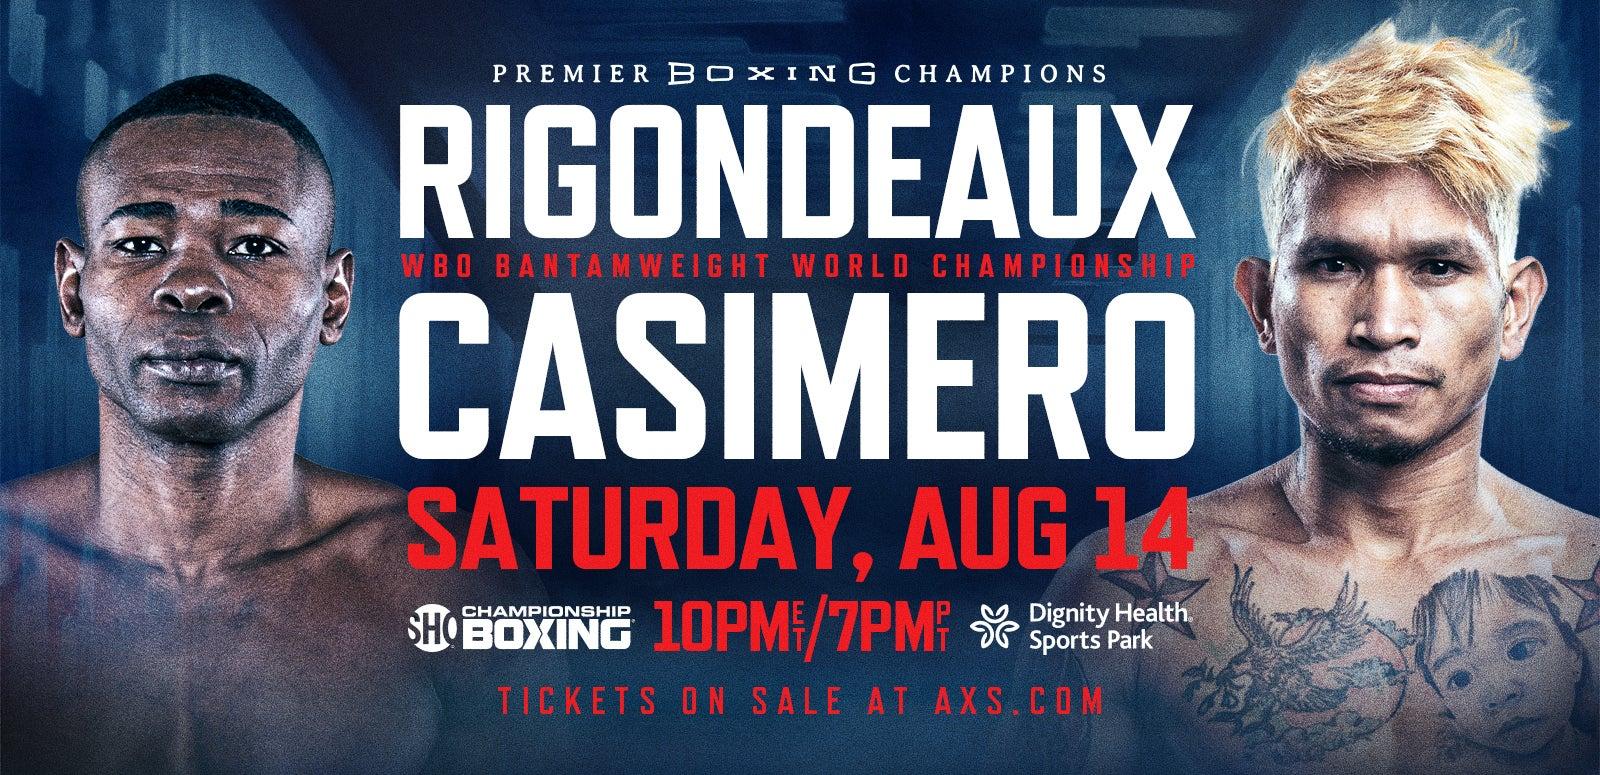 Premier Boxing Champions: Rigondeaux vs Casimero